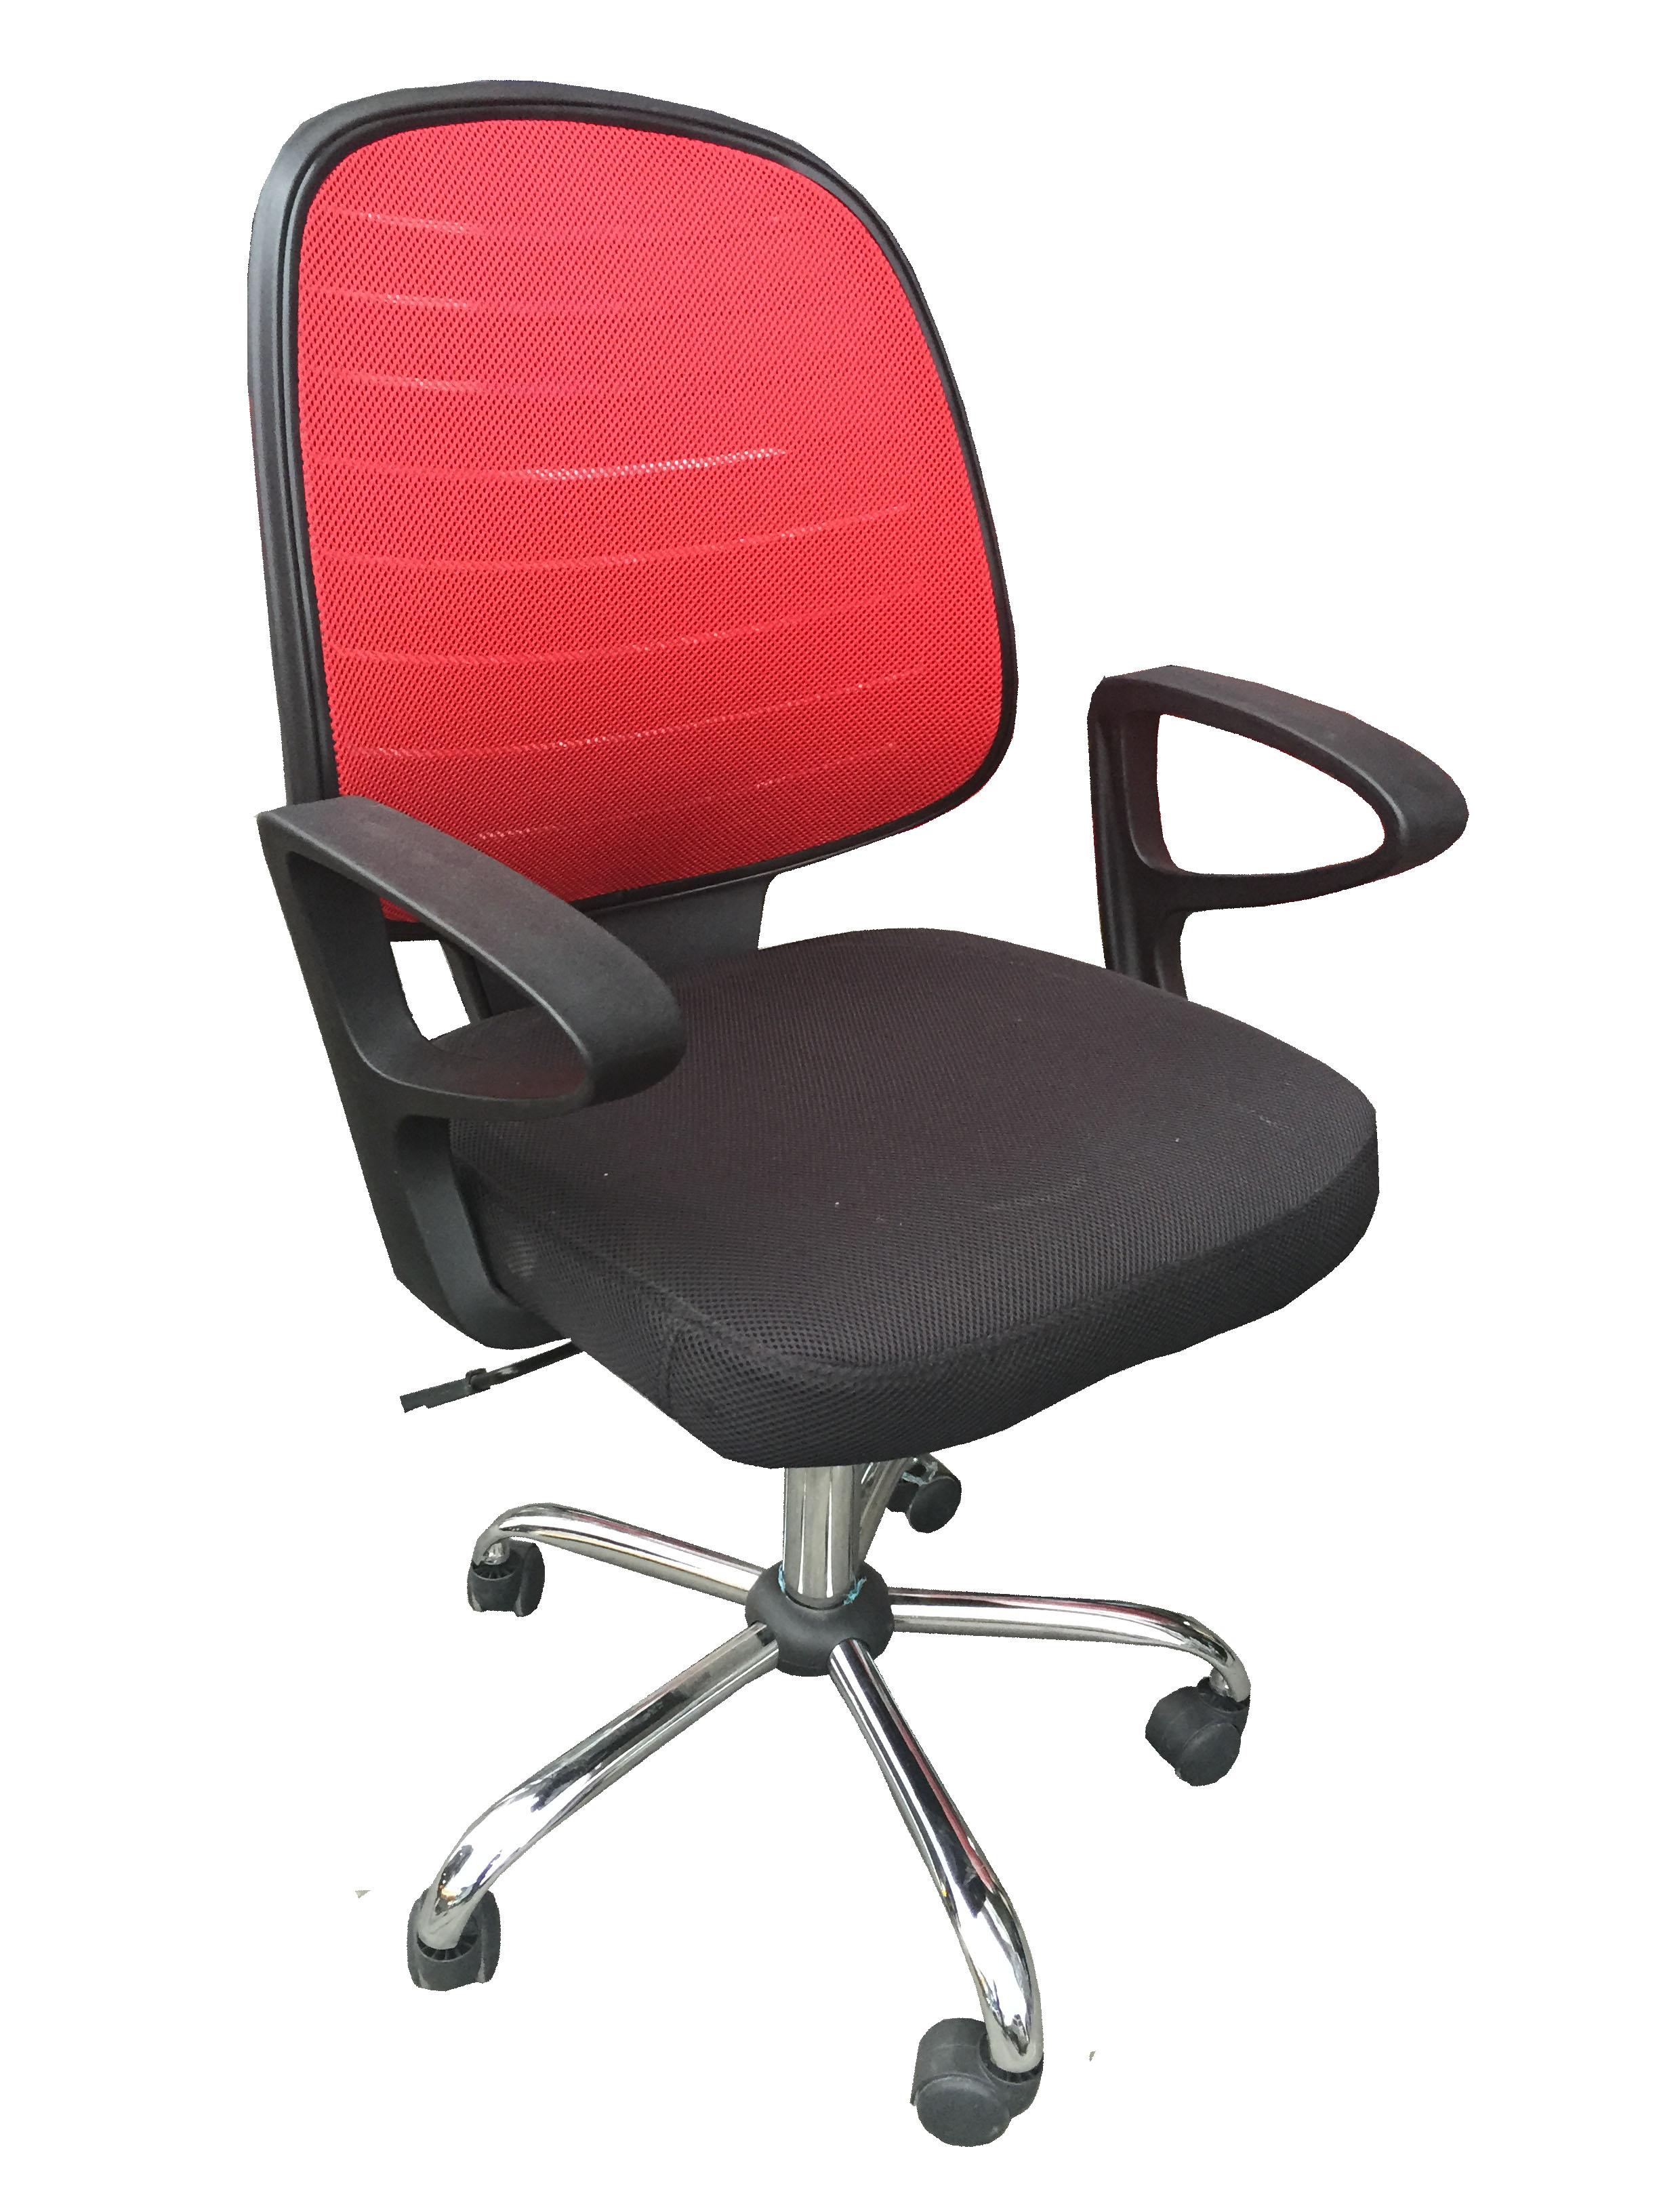 Muebles bogota muebles oficina sillas archivadores w 131 for Muebles oficina 12 de octubre bogota